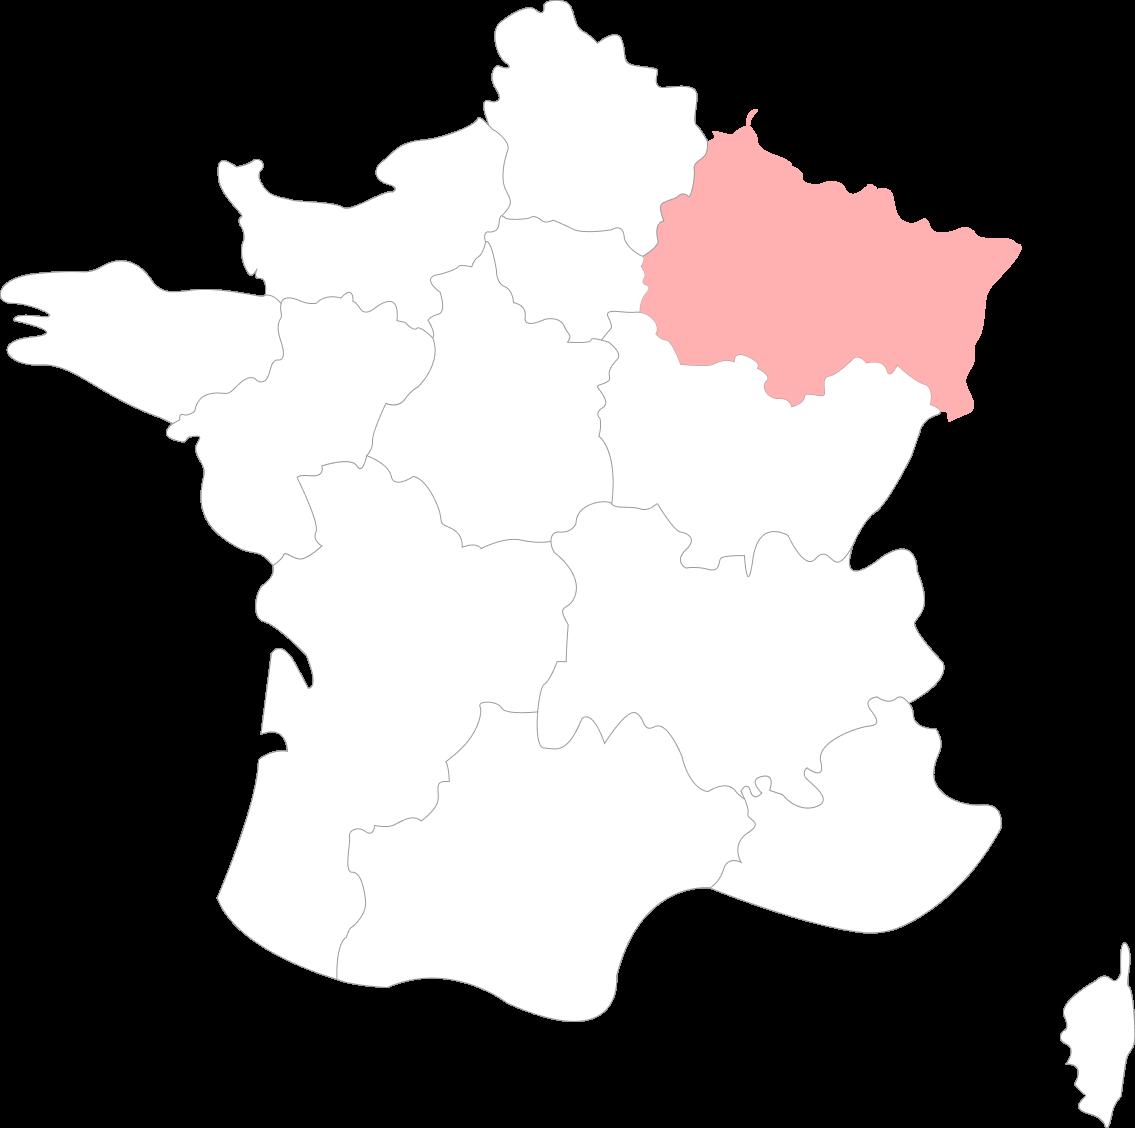 Carte de la région grand-est-alsace